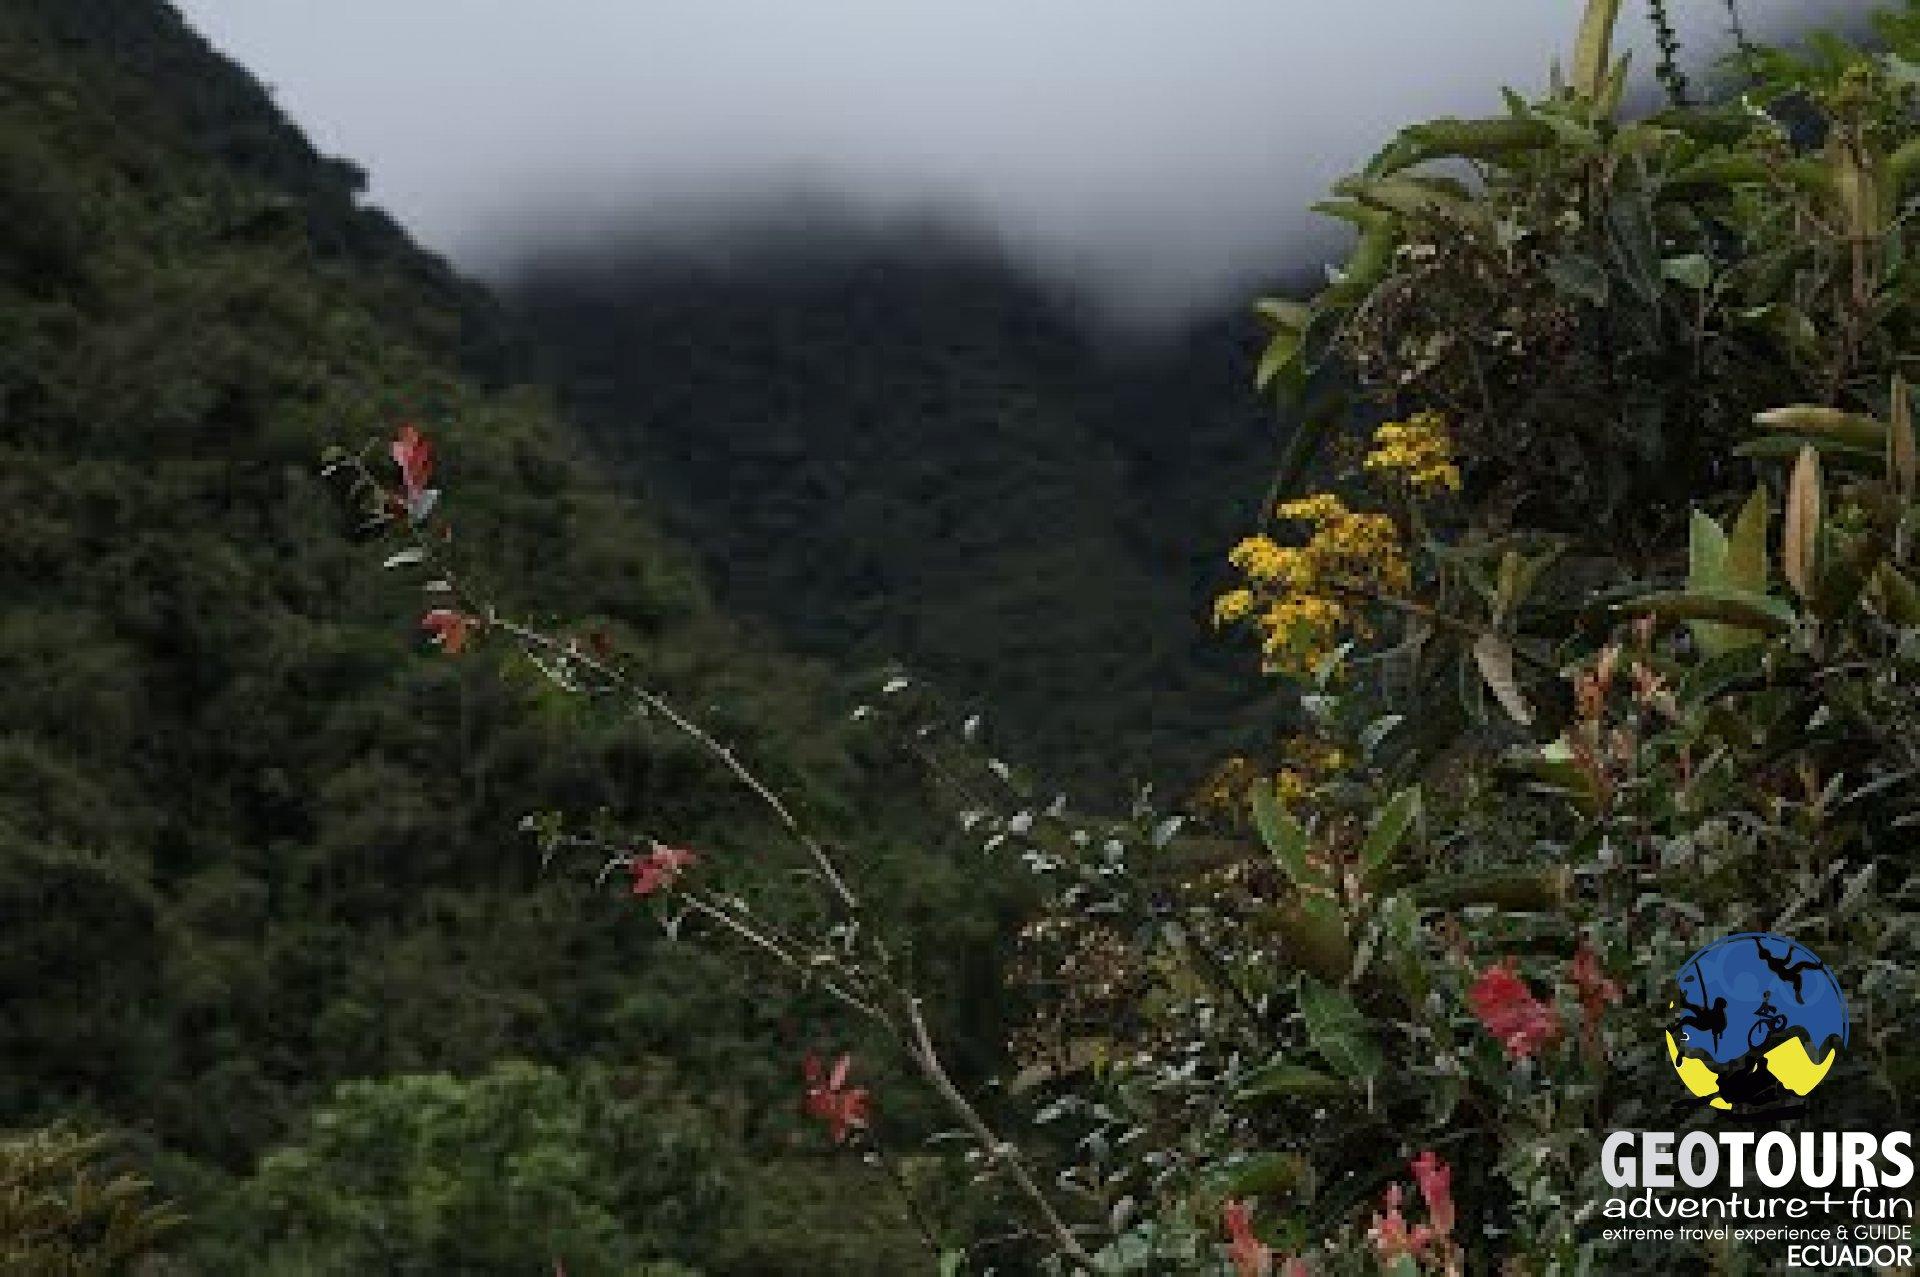 Corredor Ecológico Llanganates - Sangay